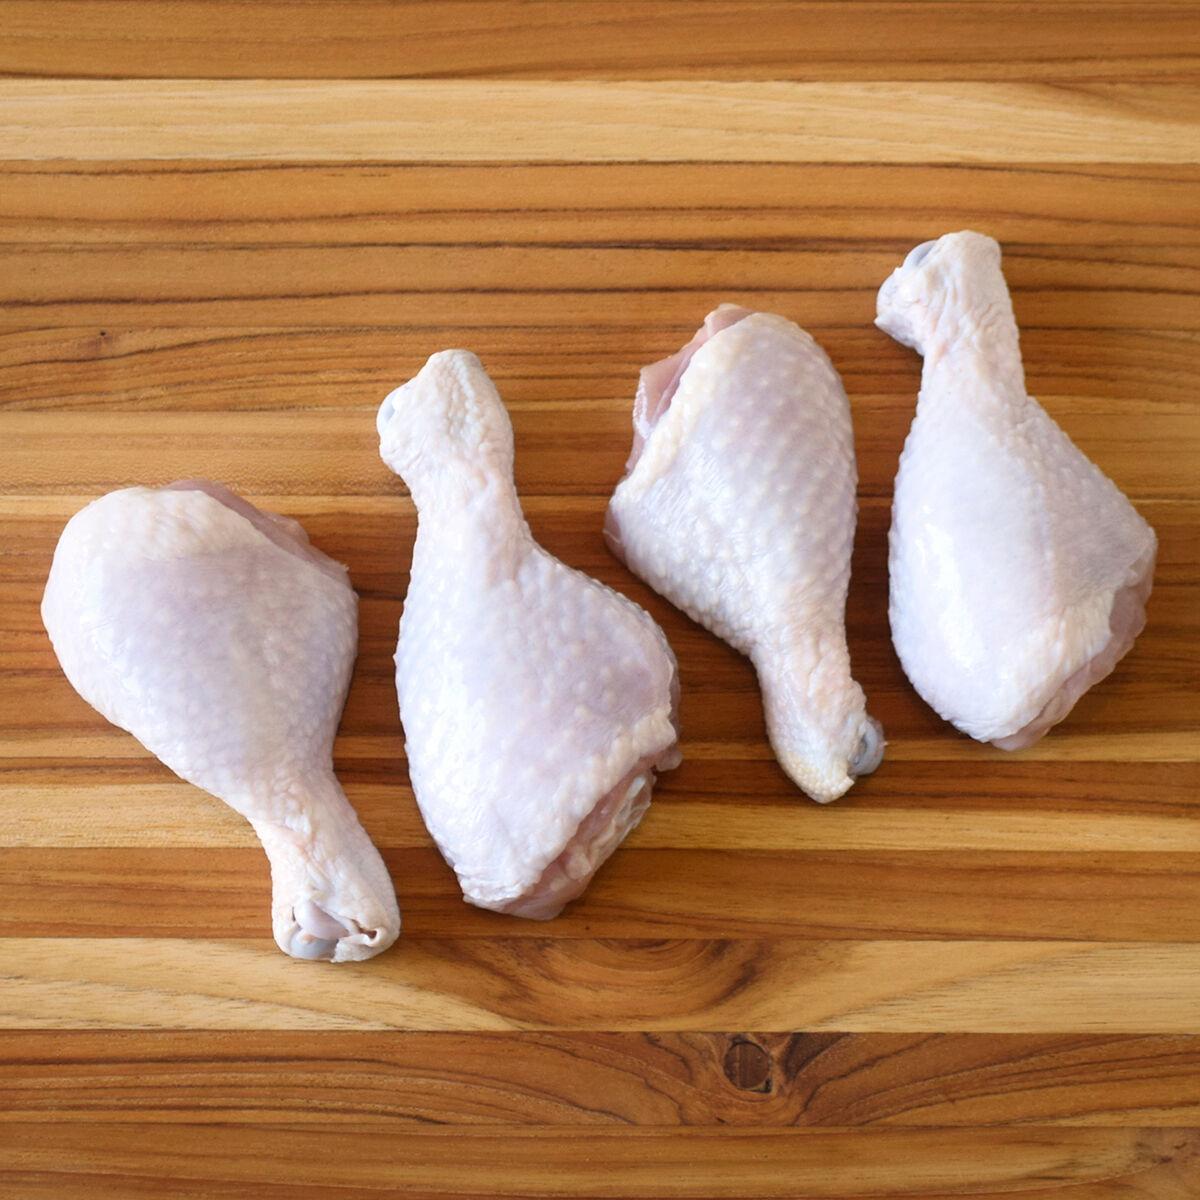 D'Artagnan Organic Chicken Drumsticks: Frozen (4lb case 4 1lb avg packs avg. each)  by D'Artagnan